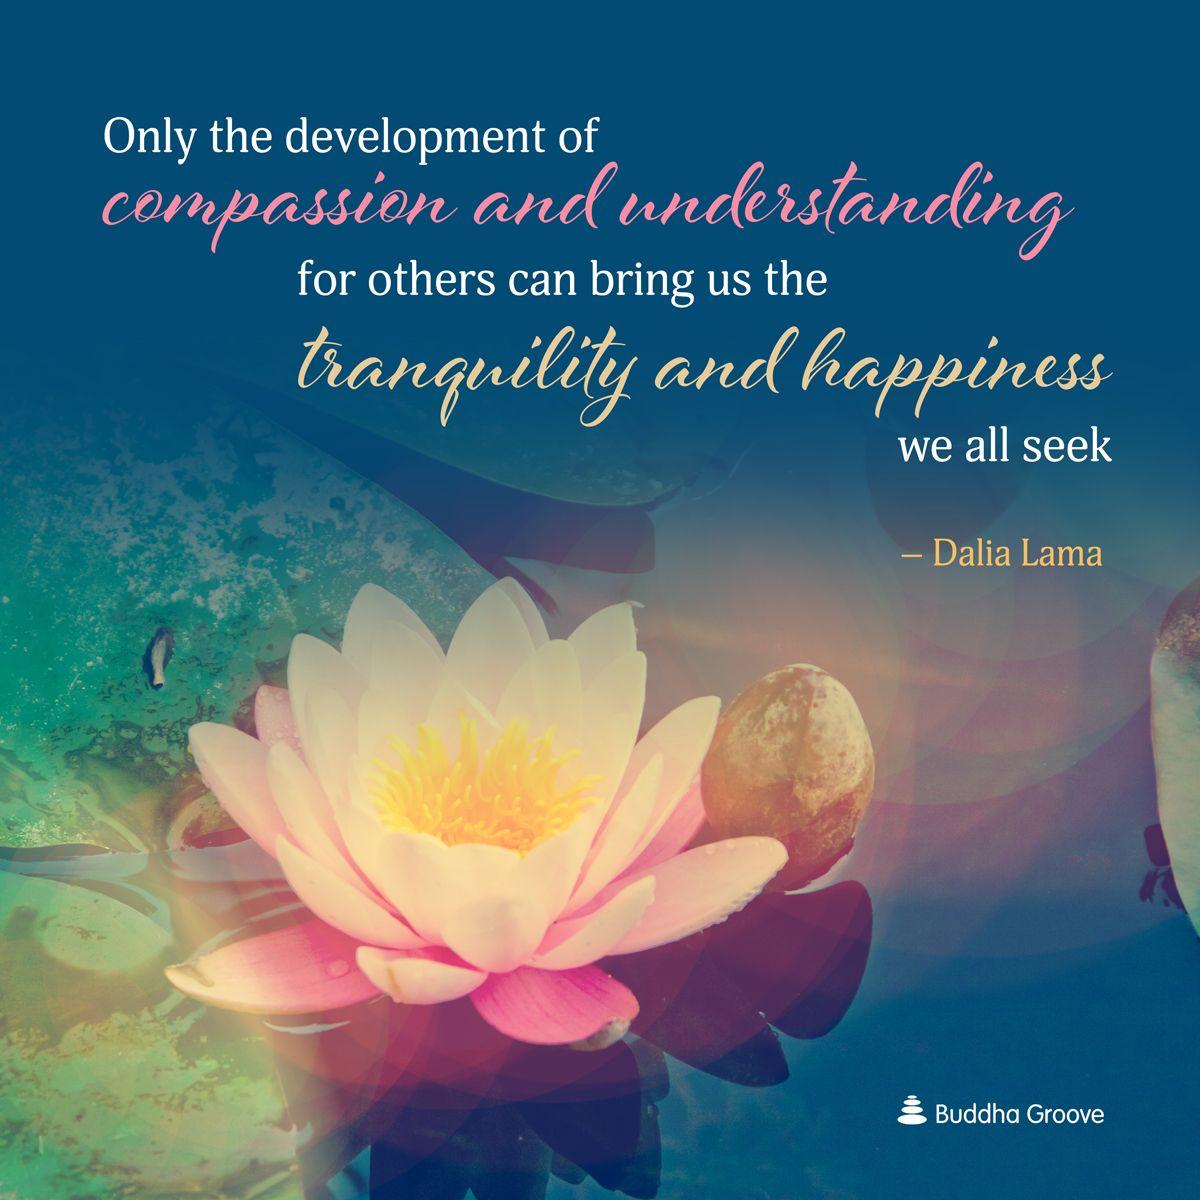 Dalai Lama Quotes On Self Compassion